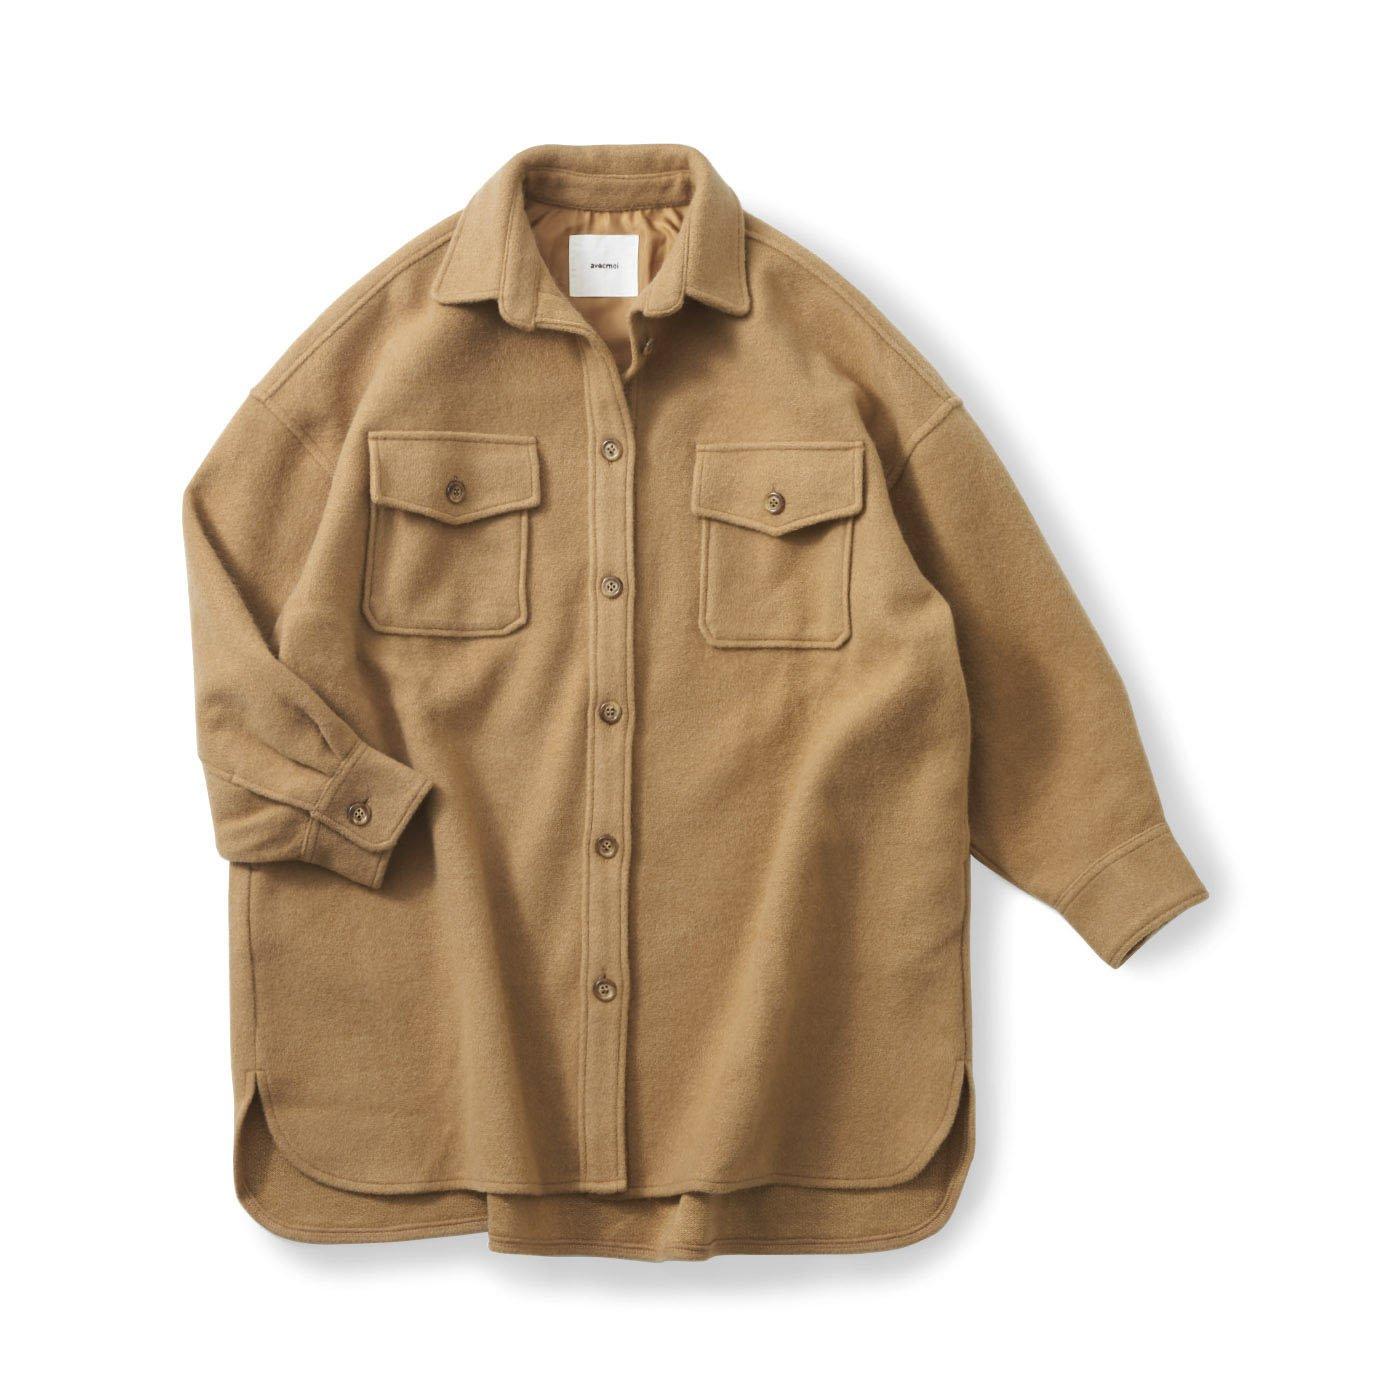 アヴェクモワ シャツジャケット〈キャメル〉